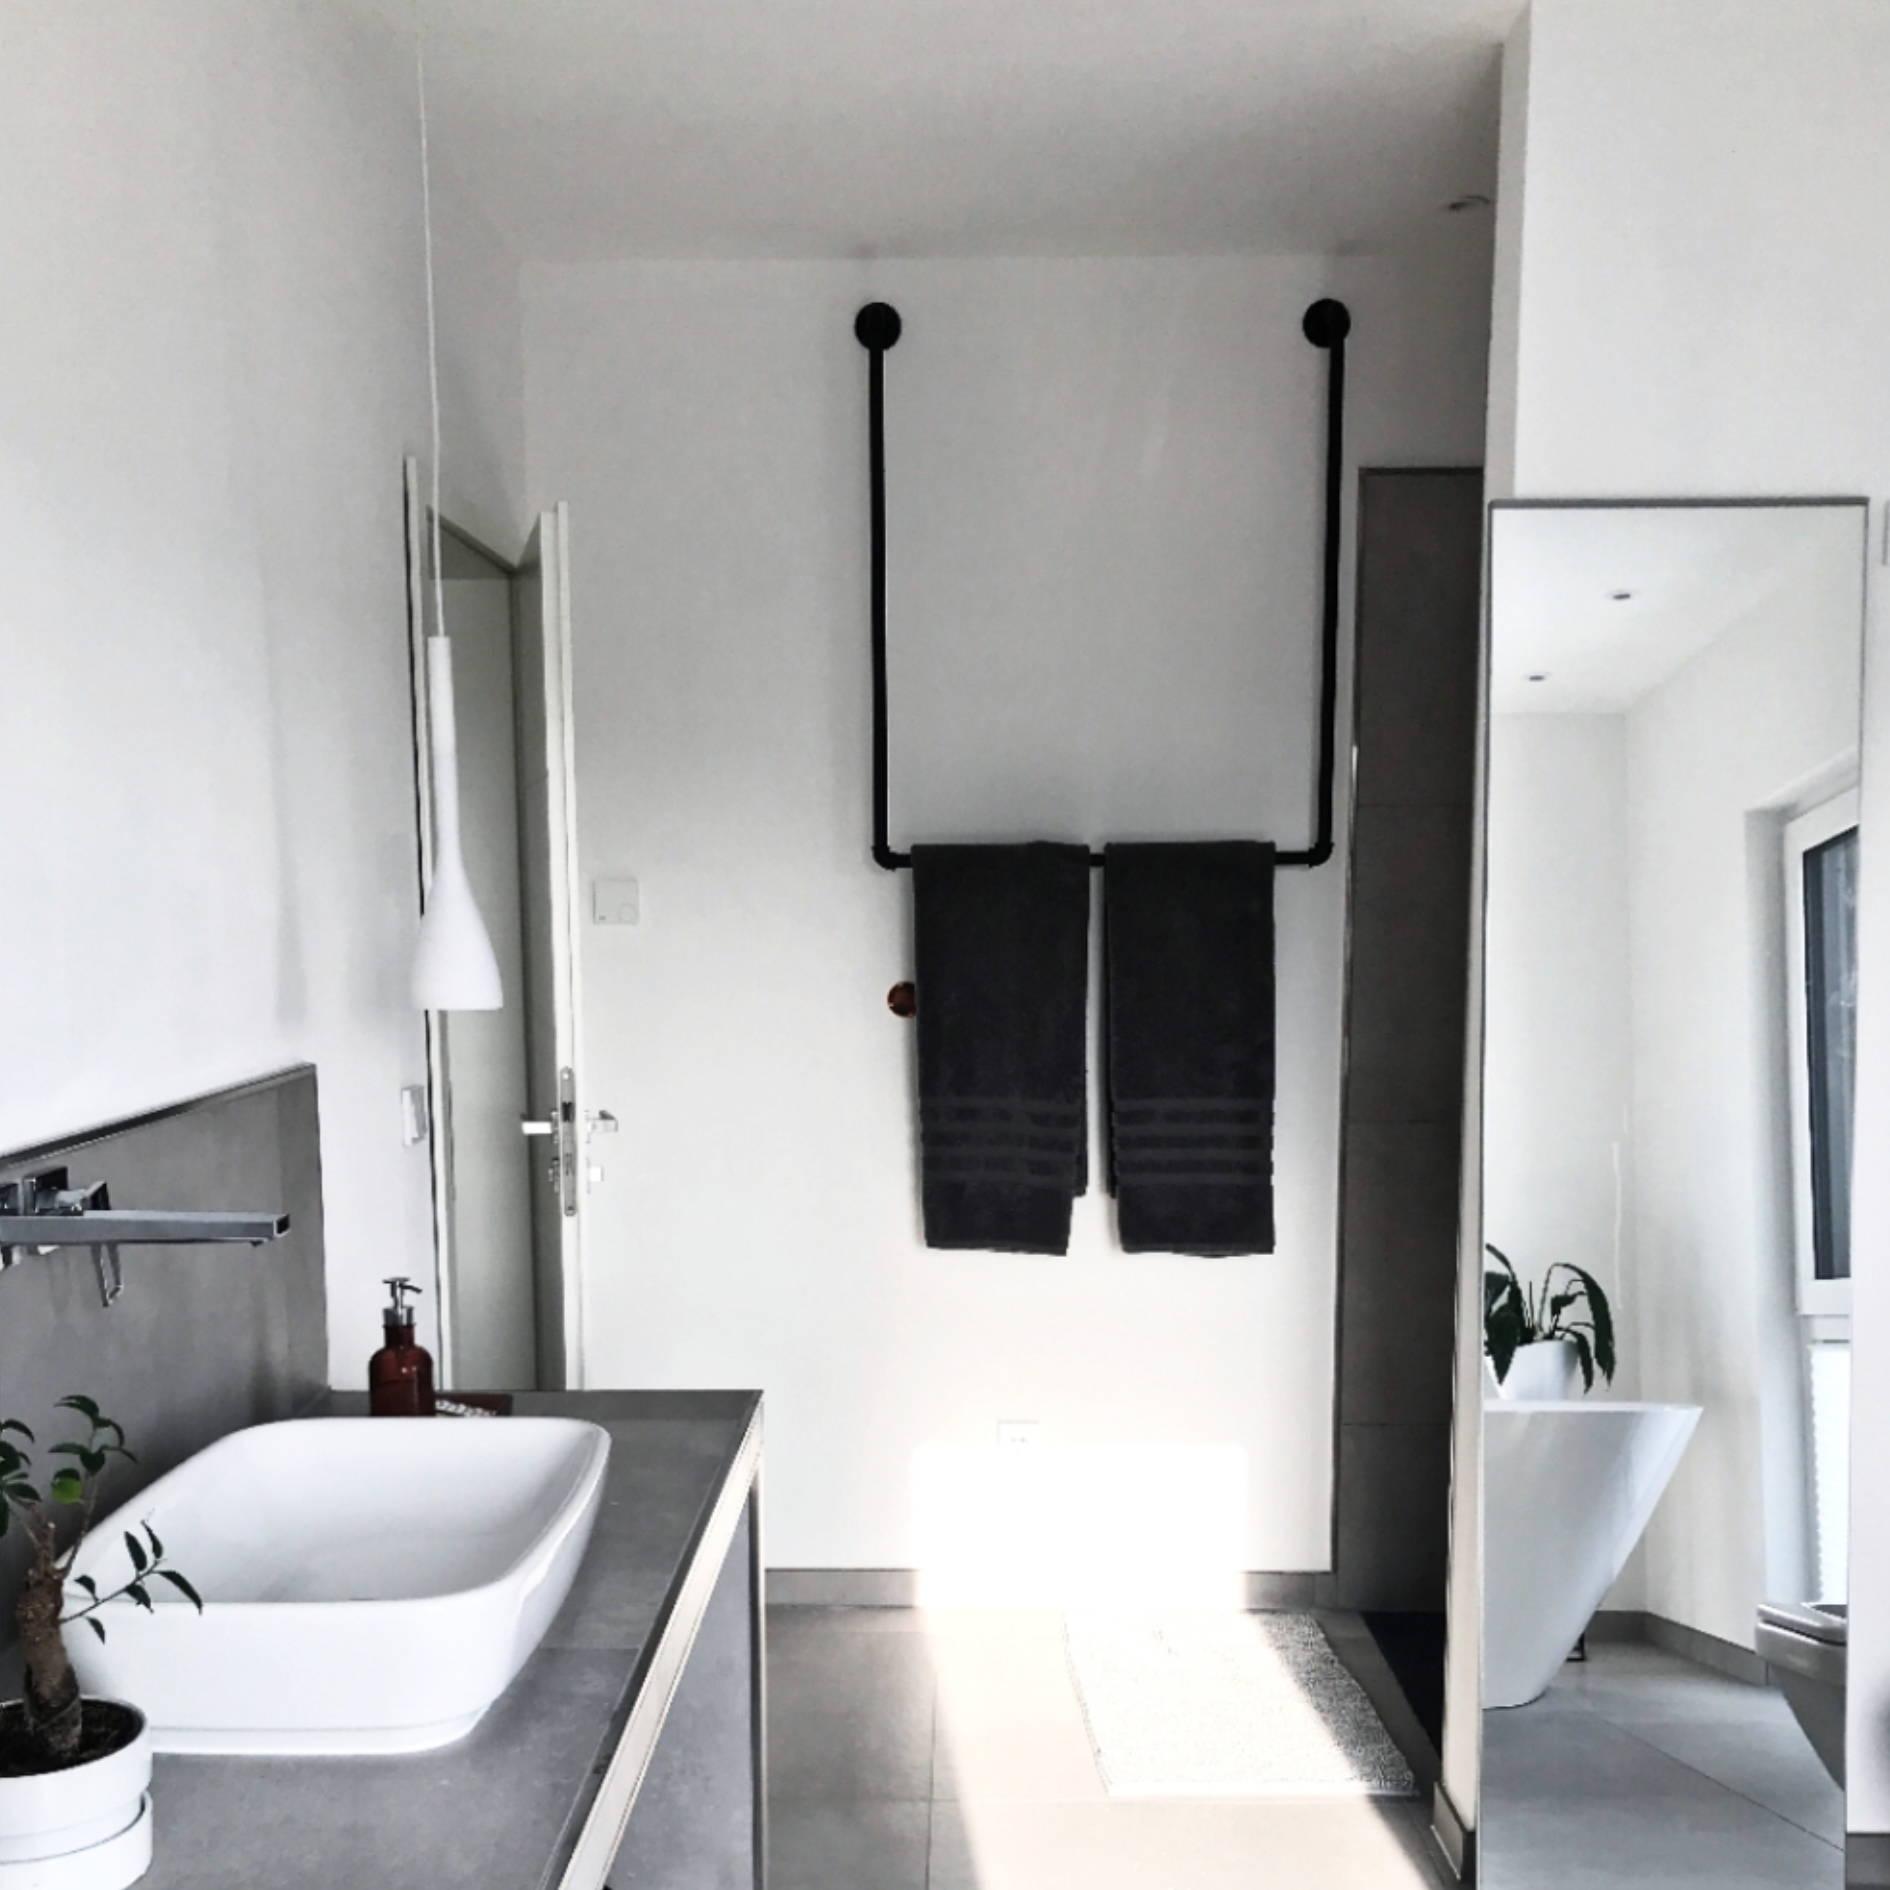 Bad Idee Badezimmer Handtuchhalter im Industrial design aus rohren kleiderstange handtuch